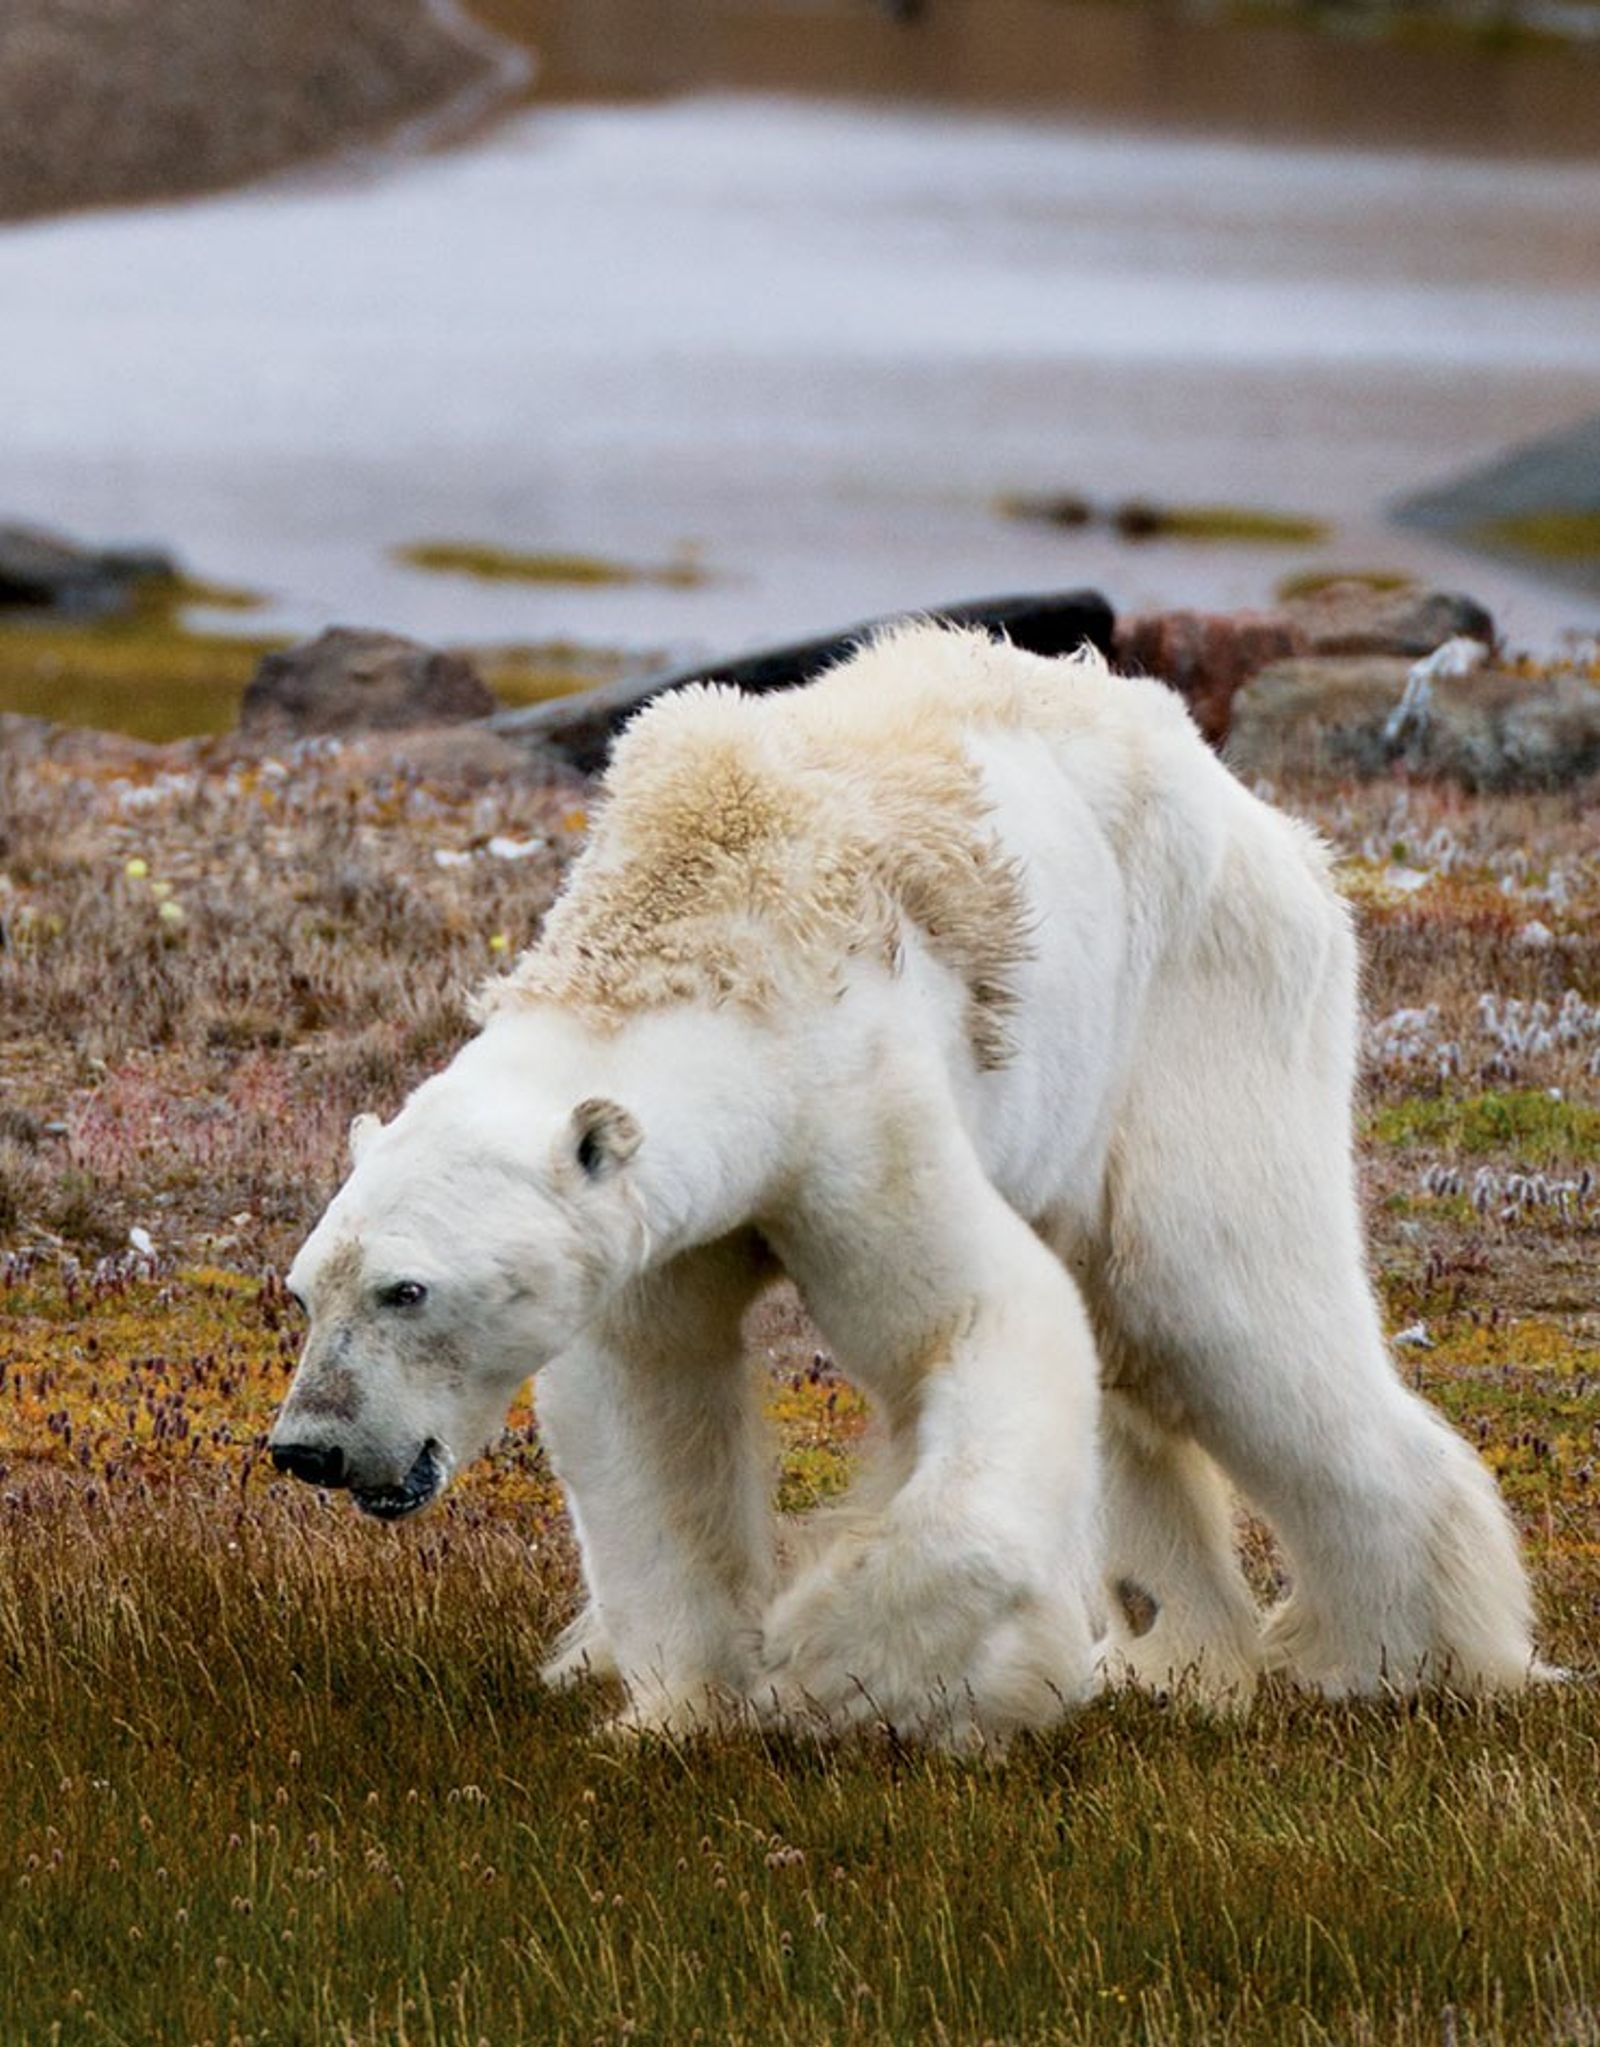 Un an après, notre photographe revient sur l'agonie de l'ours polaire, et ce qu'elle symbolisait